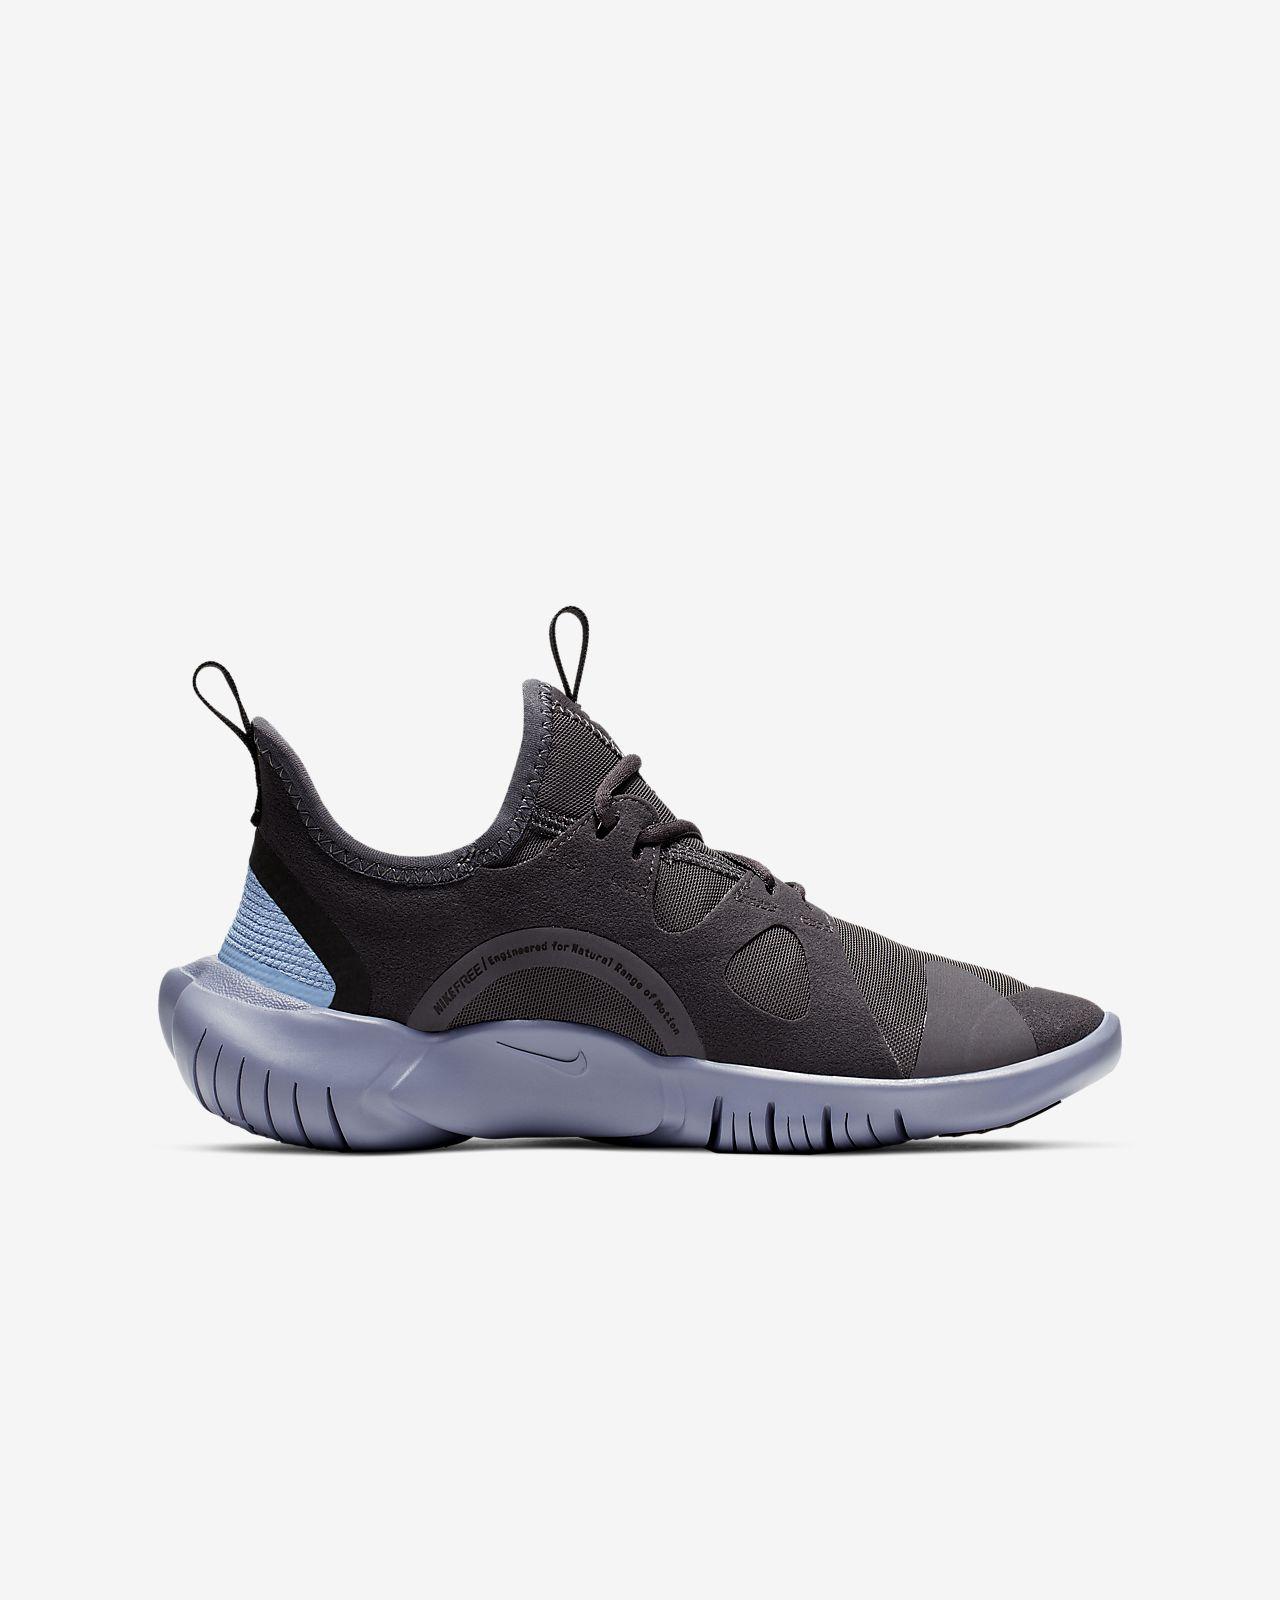 best sneakers 2b1e5 4e04a Nike Free RN 5.0 Older Kids' Running Shoe